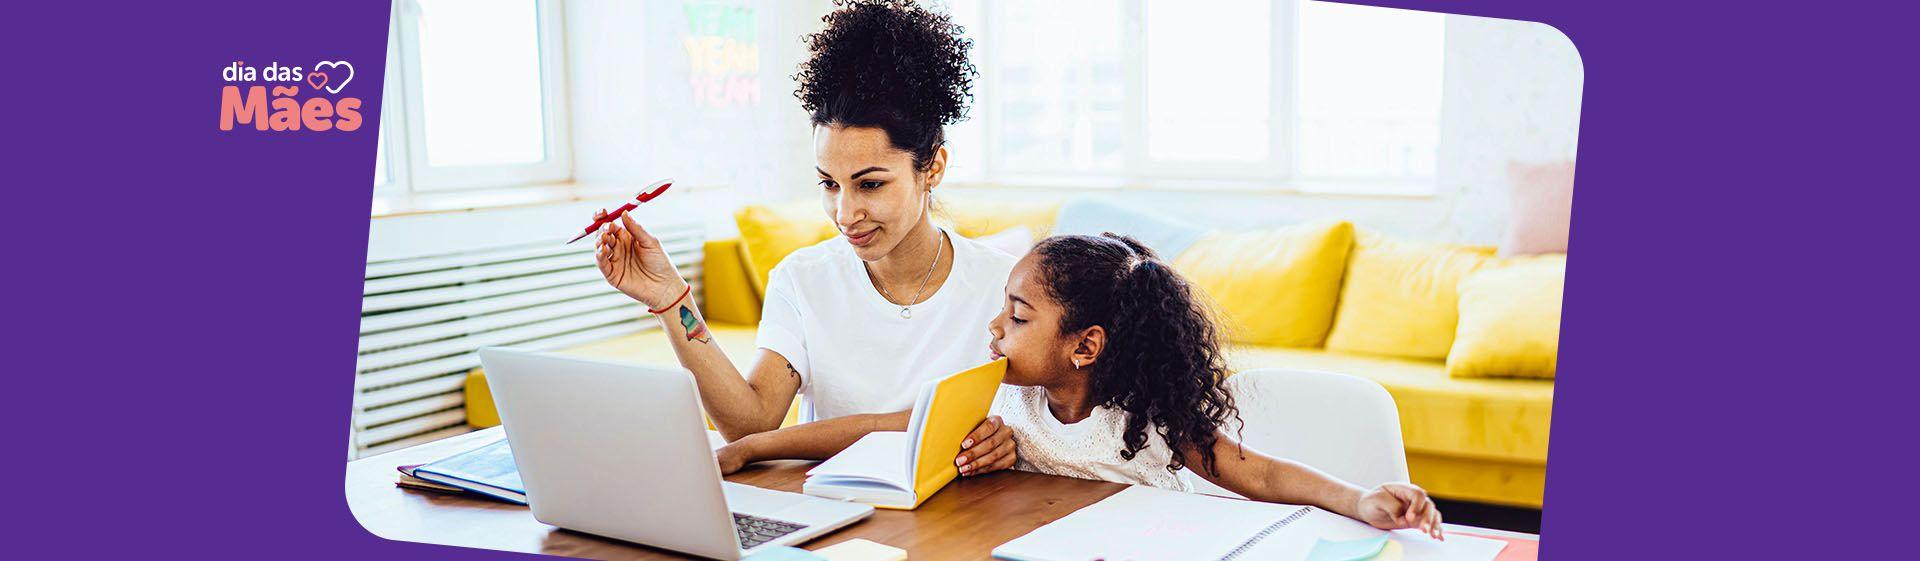 Dia das Mães: os melhores notebooks bons e baratos para presentear em 2021